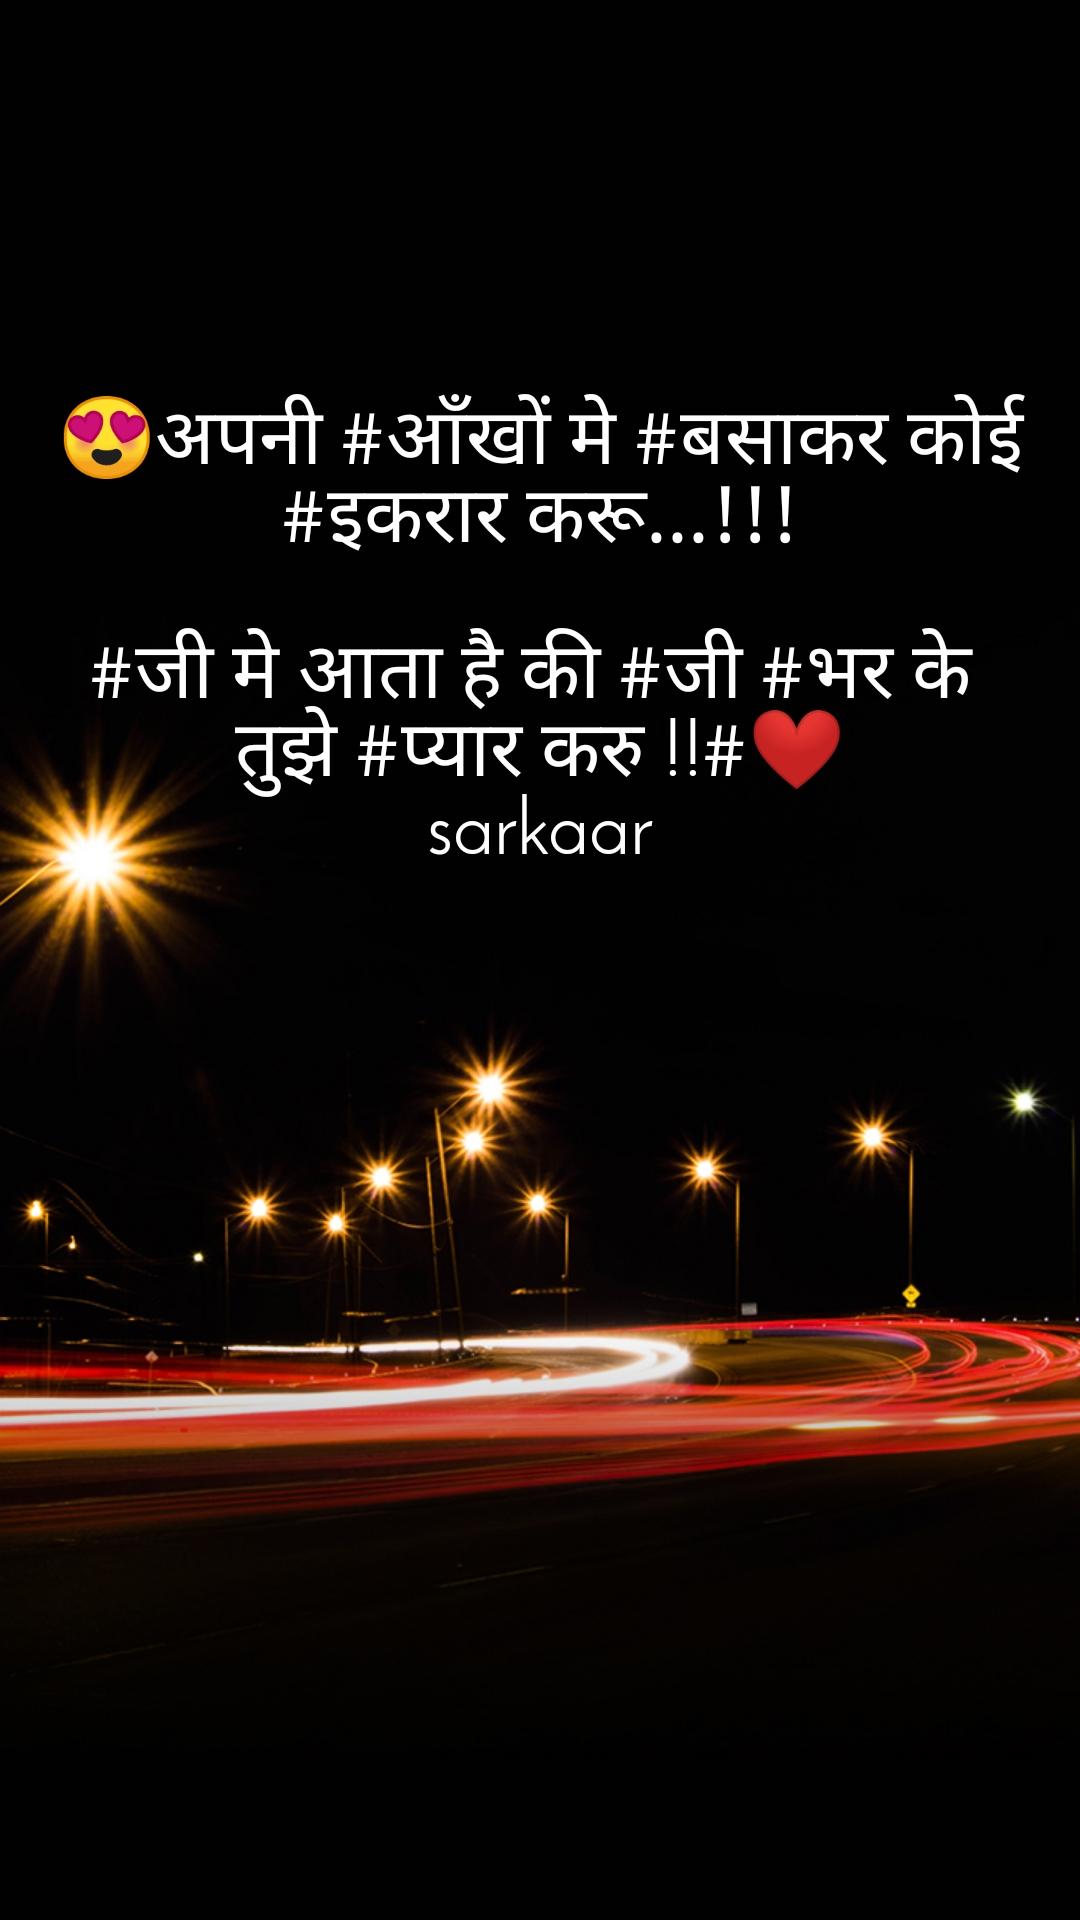 😍अपनी #आँखों मे #बसाकर कोई  #इकरार करू...!!!  #जी मे आता है की #जी #भर के  तुझे #प्यार करु !!#❤ sarkaar